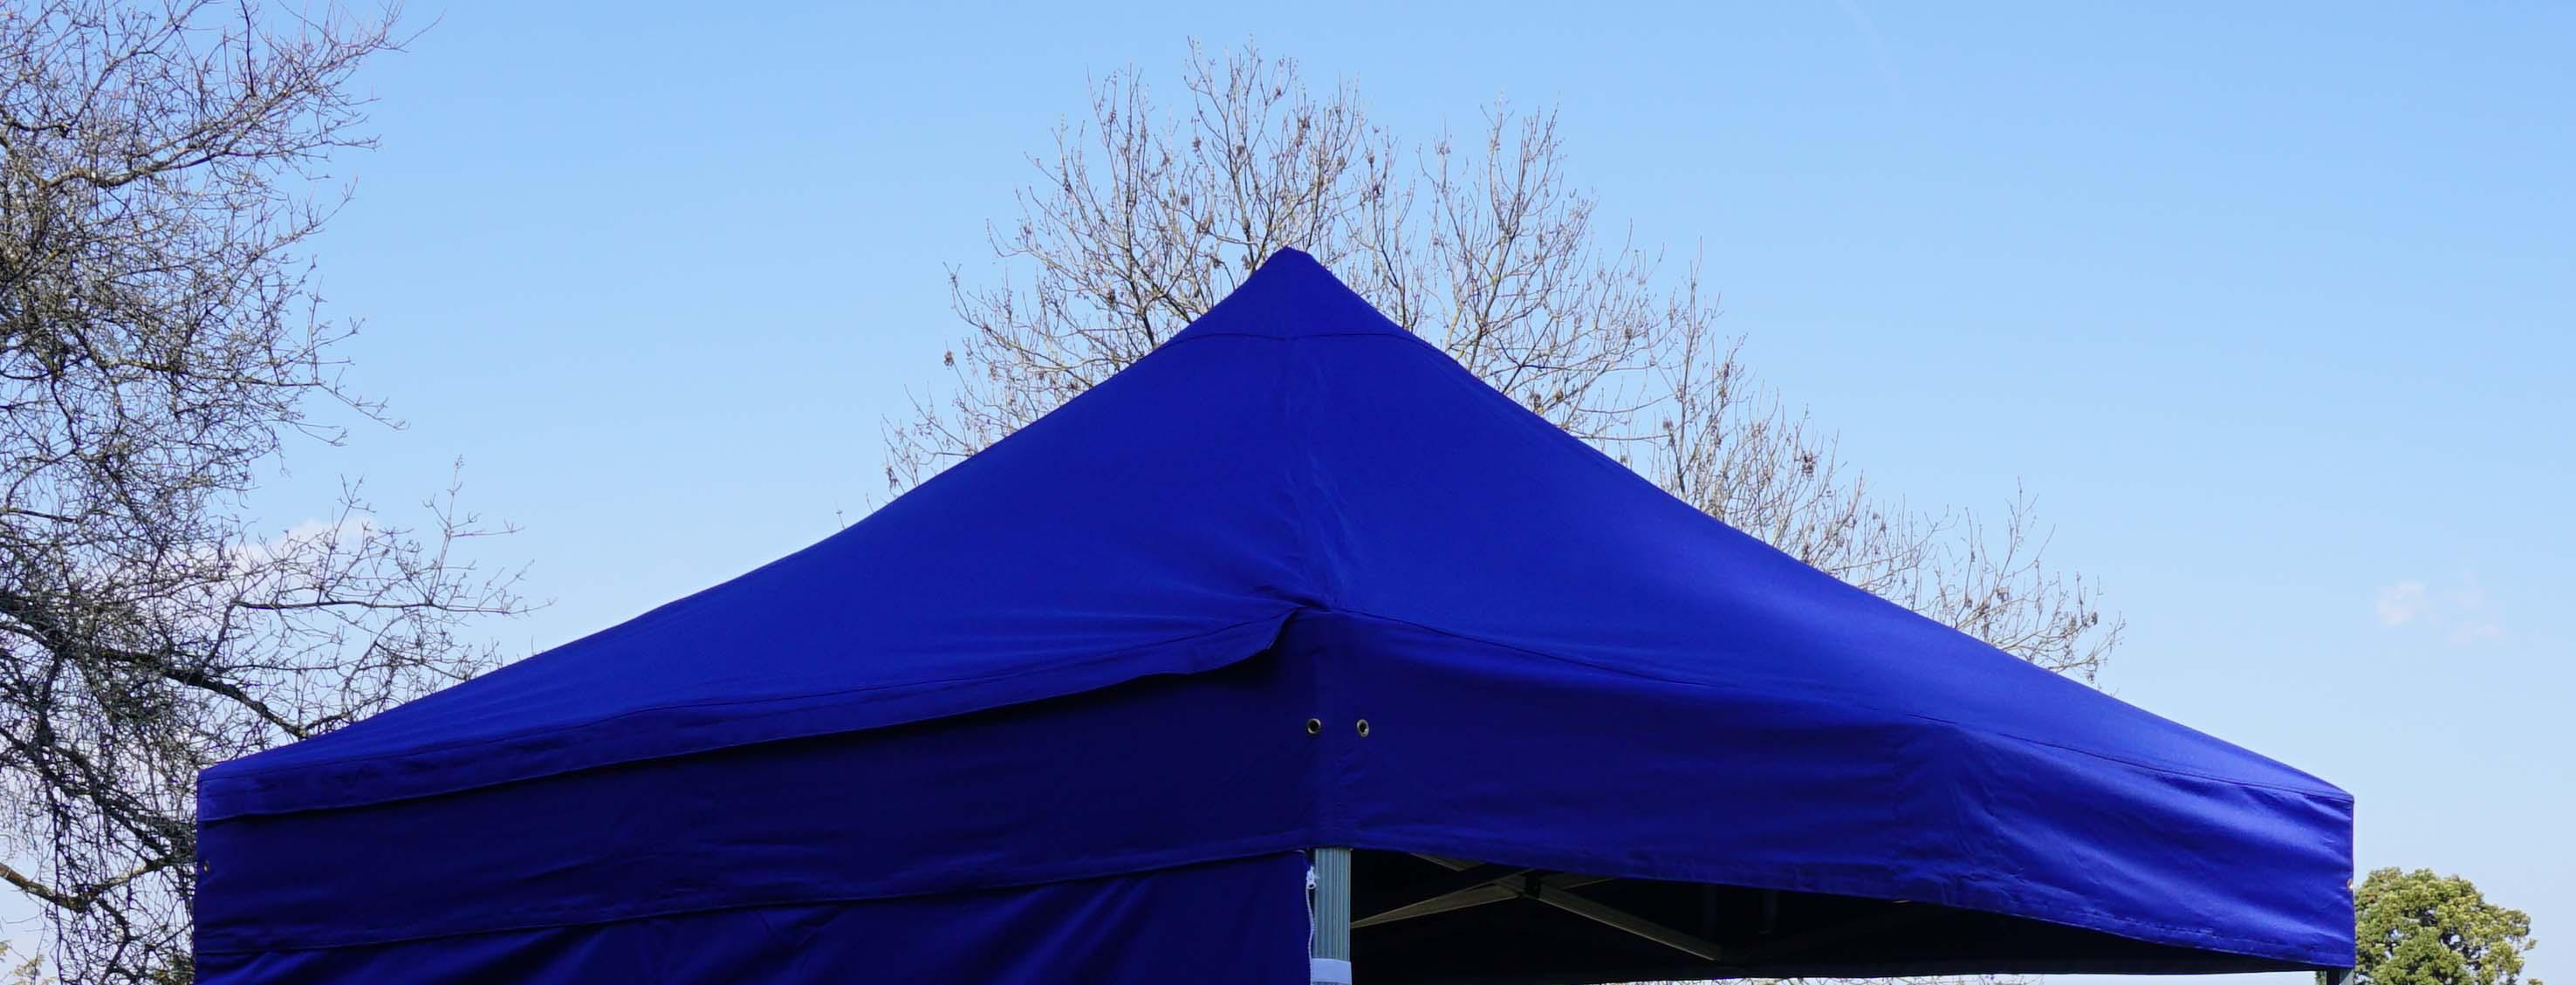 Dach 3x3m Für Vordach